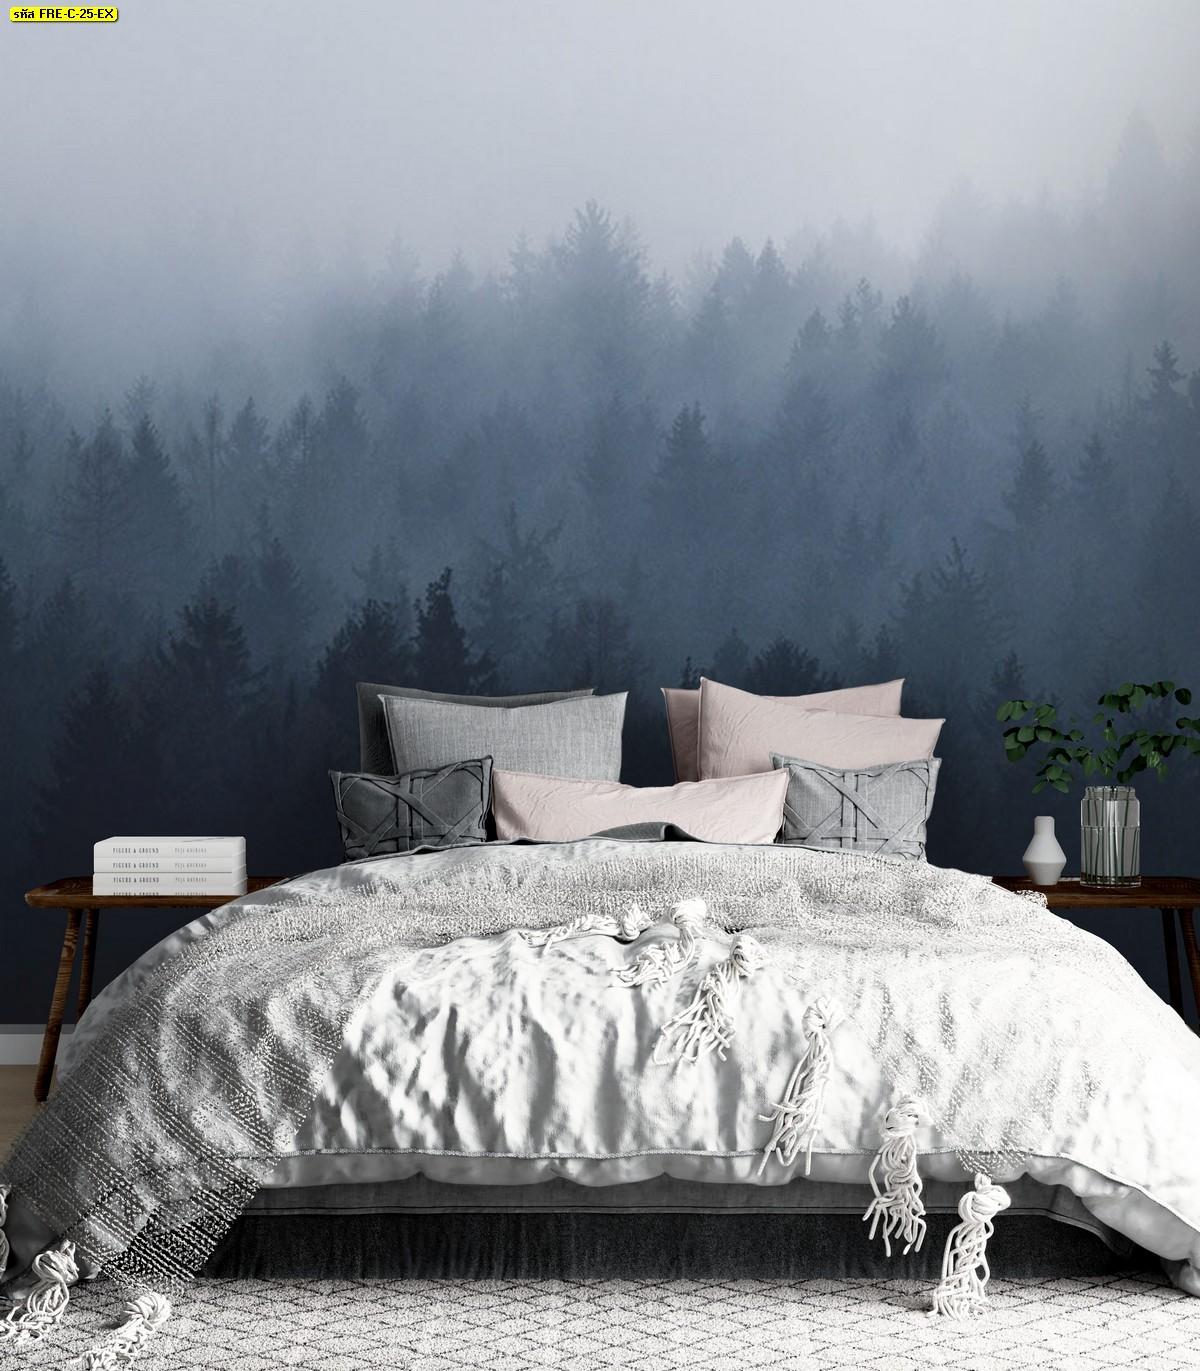 ห้องนอนสีขาวผ้านวมหนานุ่ม ตกแต่งวอลเปเปอร์ลายป่าหมอกในฤดูหนาว